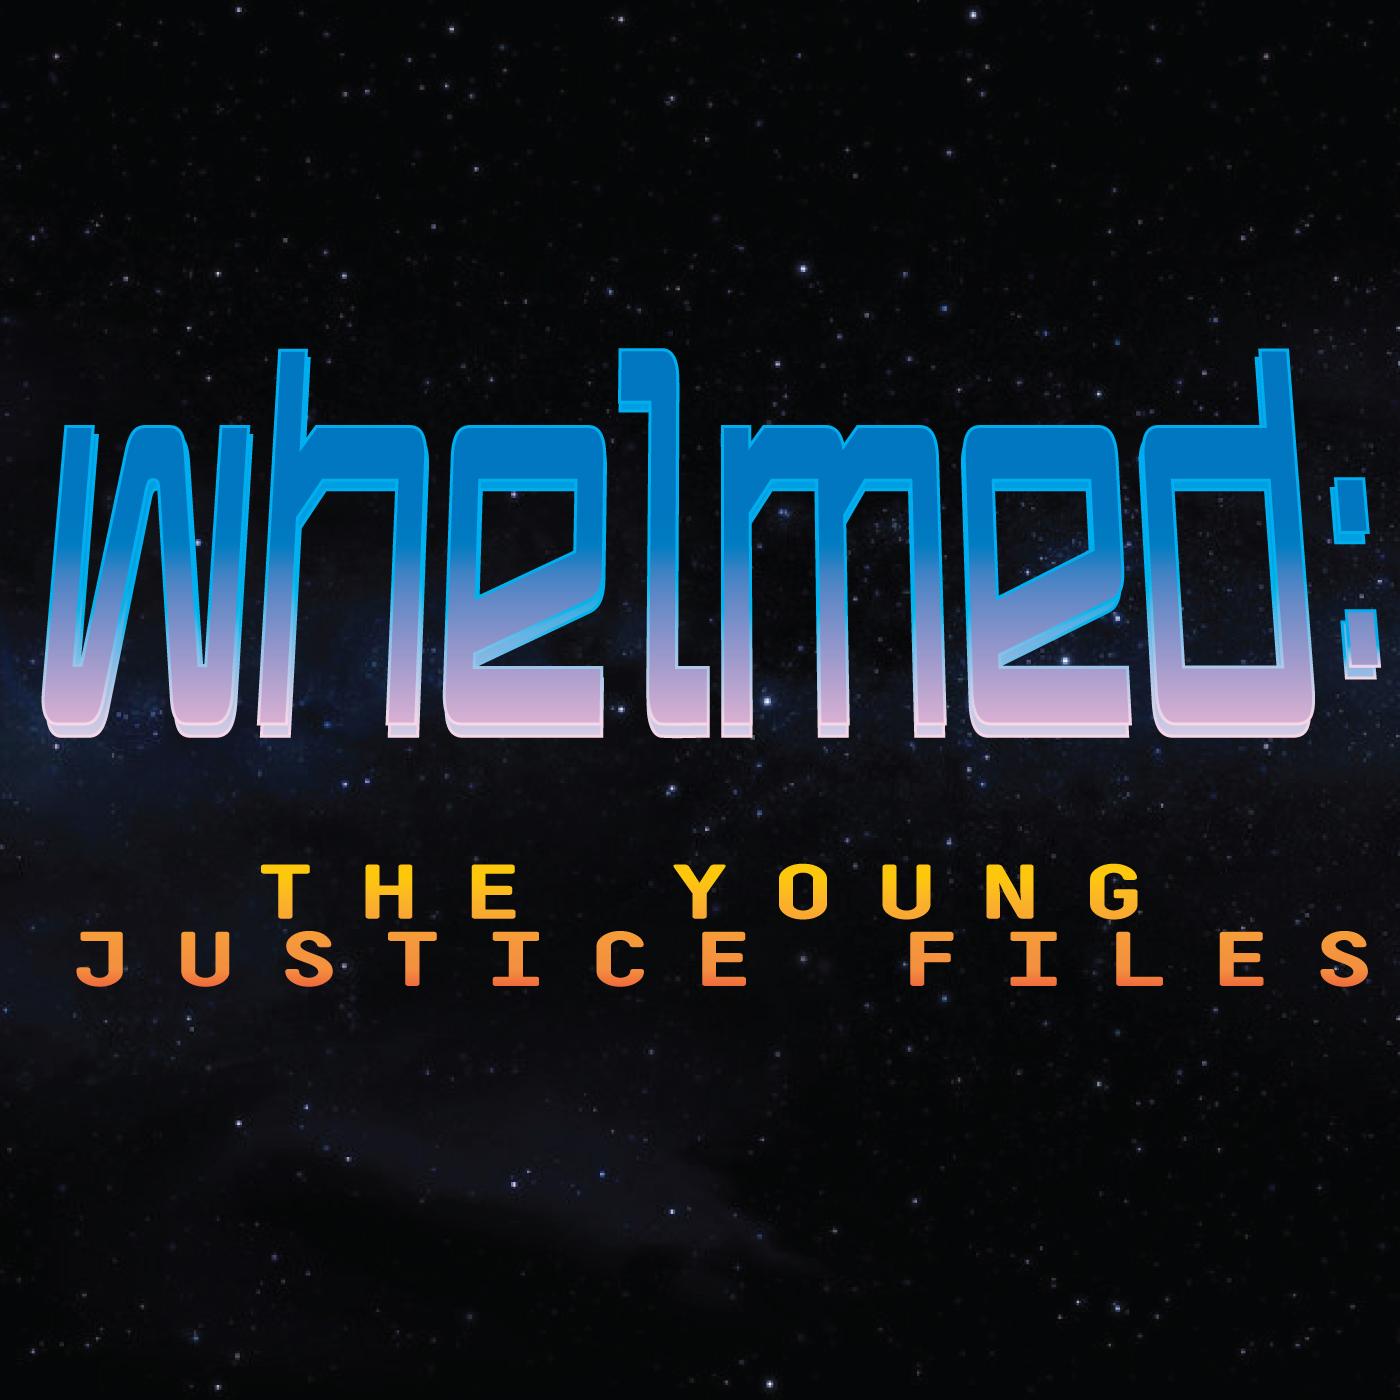 Artwork for Whelmed Reprint Vol. 4 - Jeff Stormer